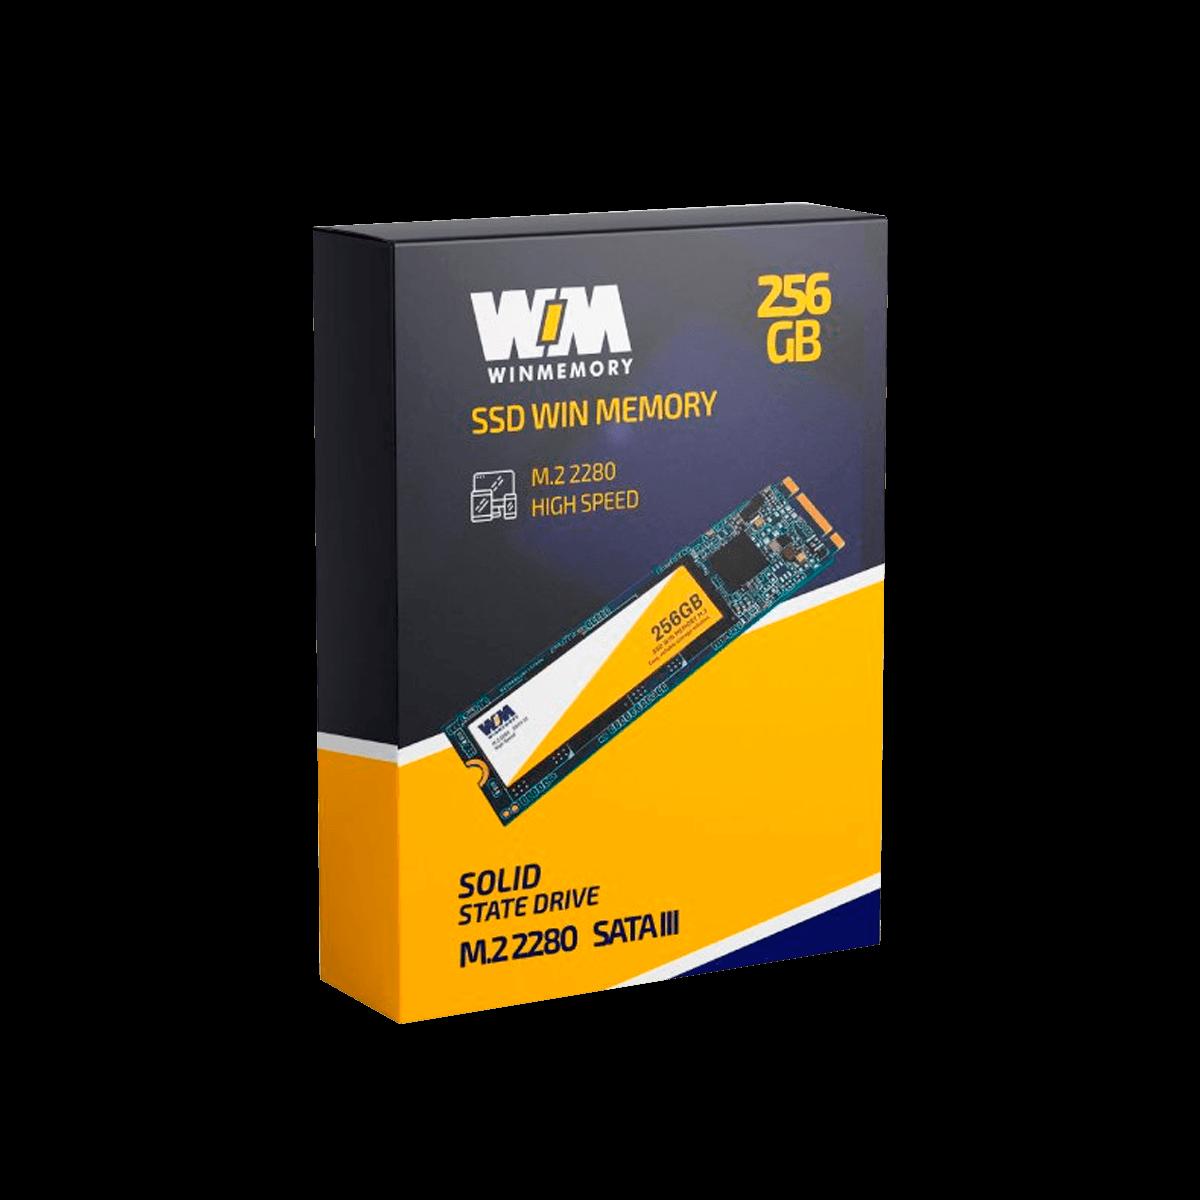 SSD Winmemory 256GB M.2 - SWB256G